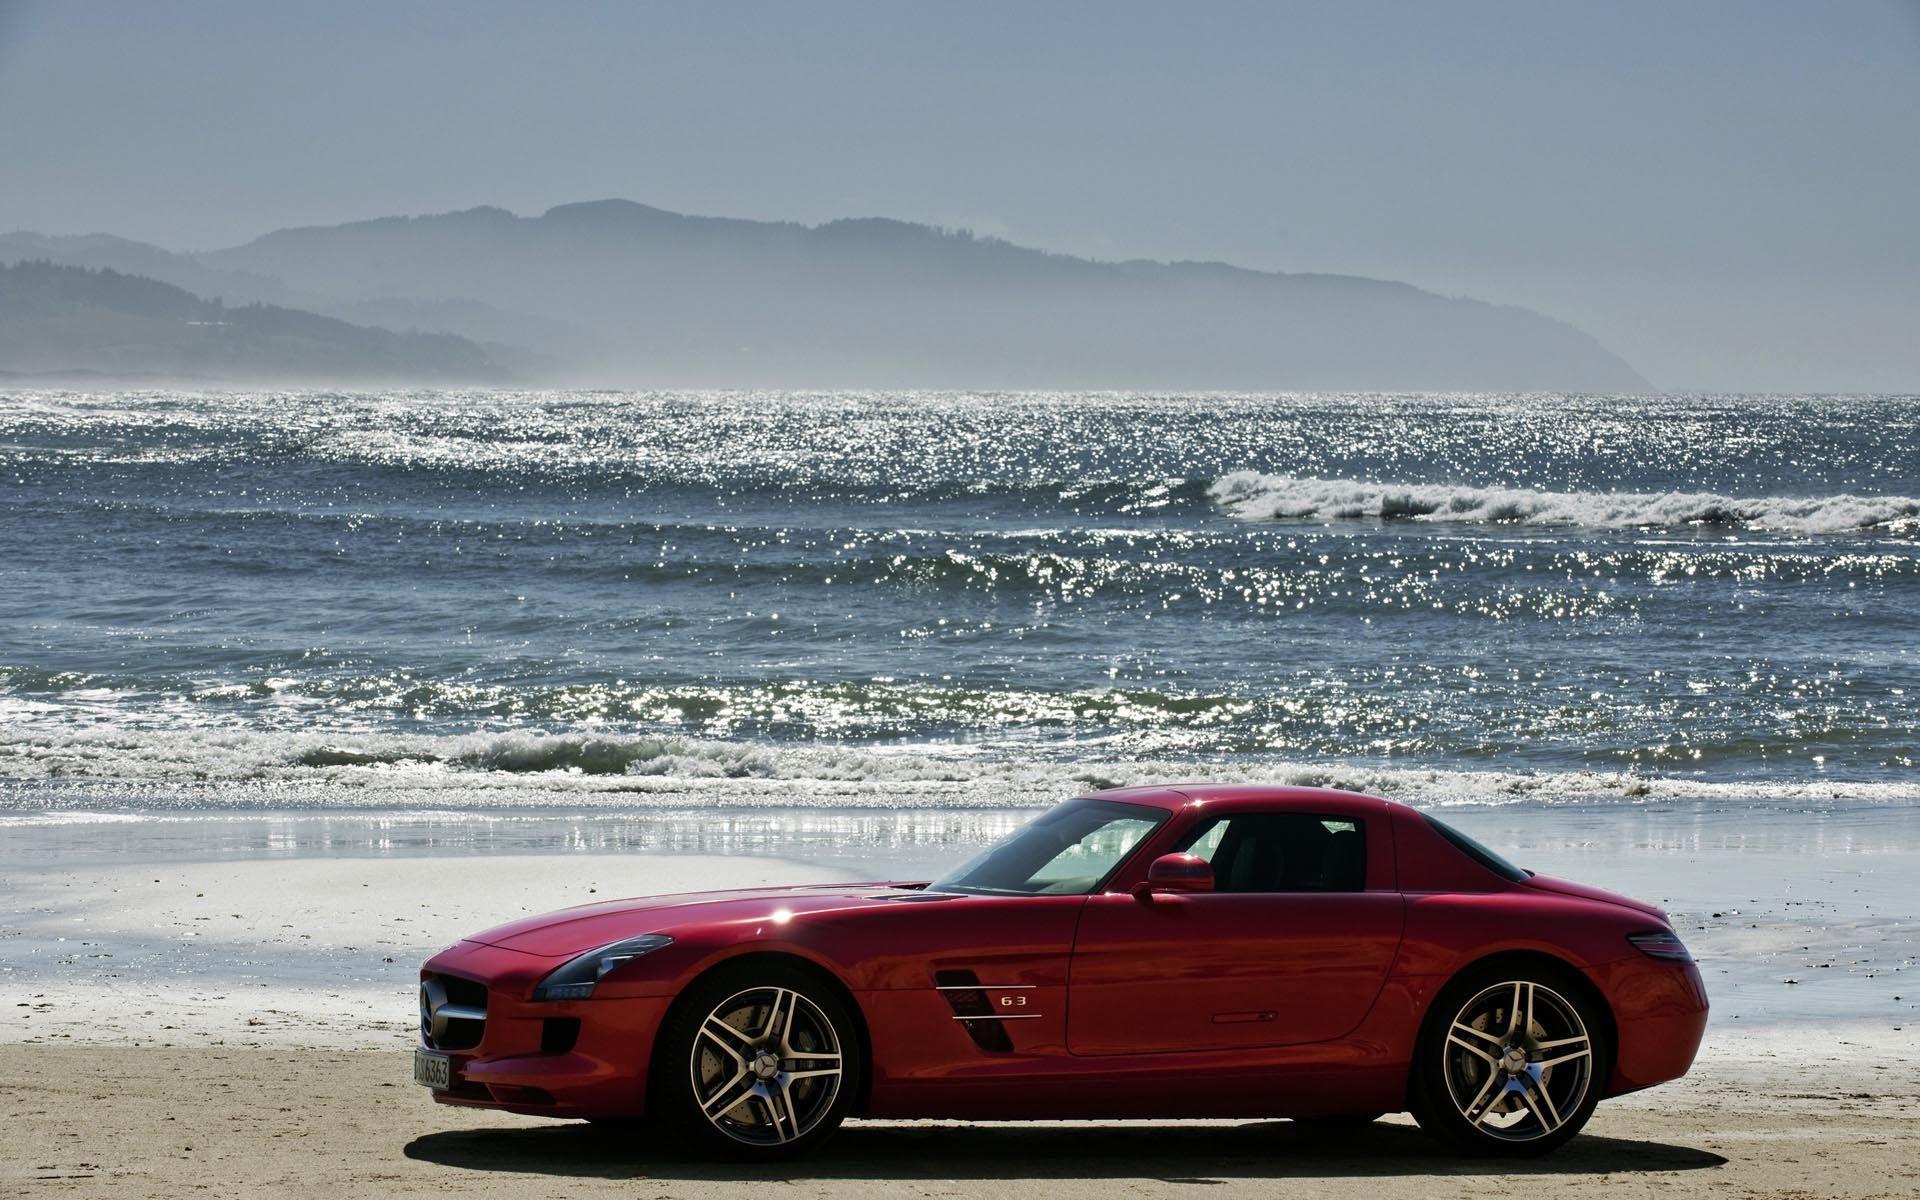 49022 скачать обои Транспорт, Машины, Море, Мерседес (Mercedes) - заставки и картинки бесплатно